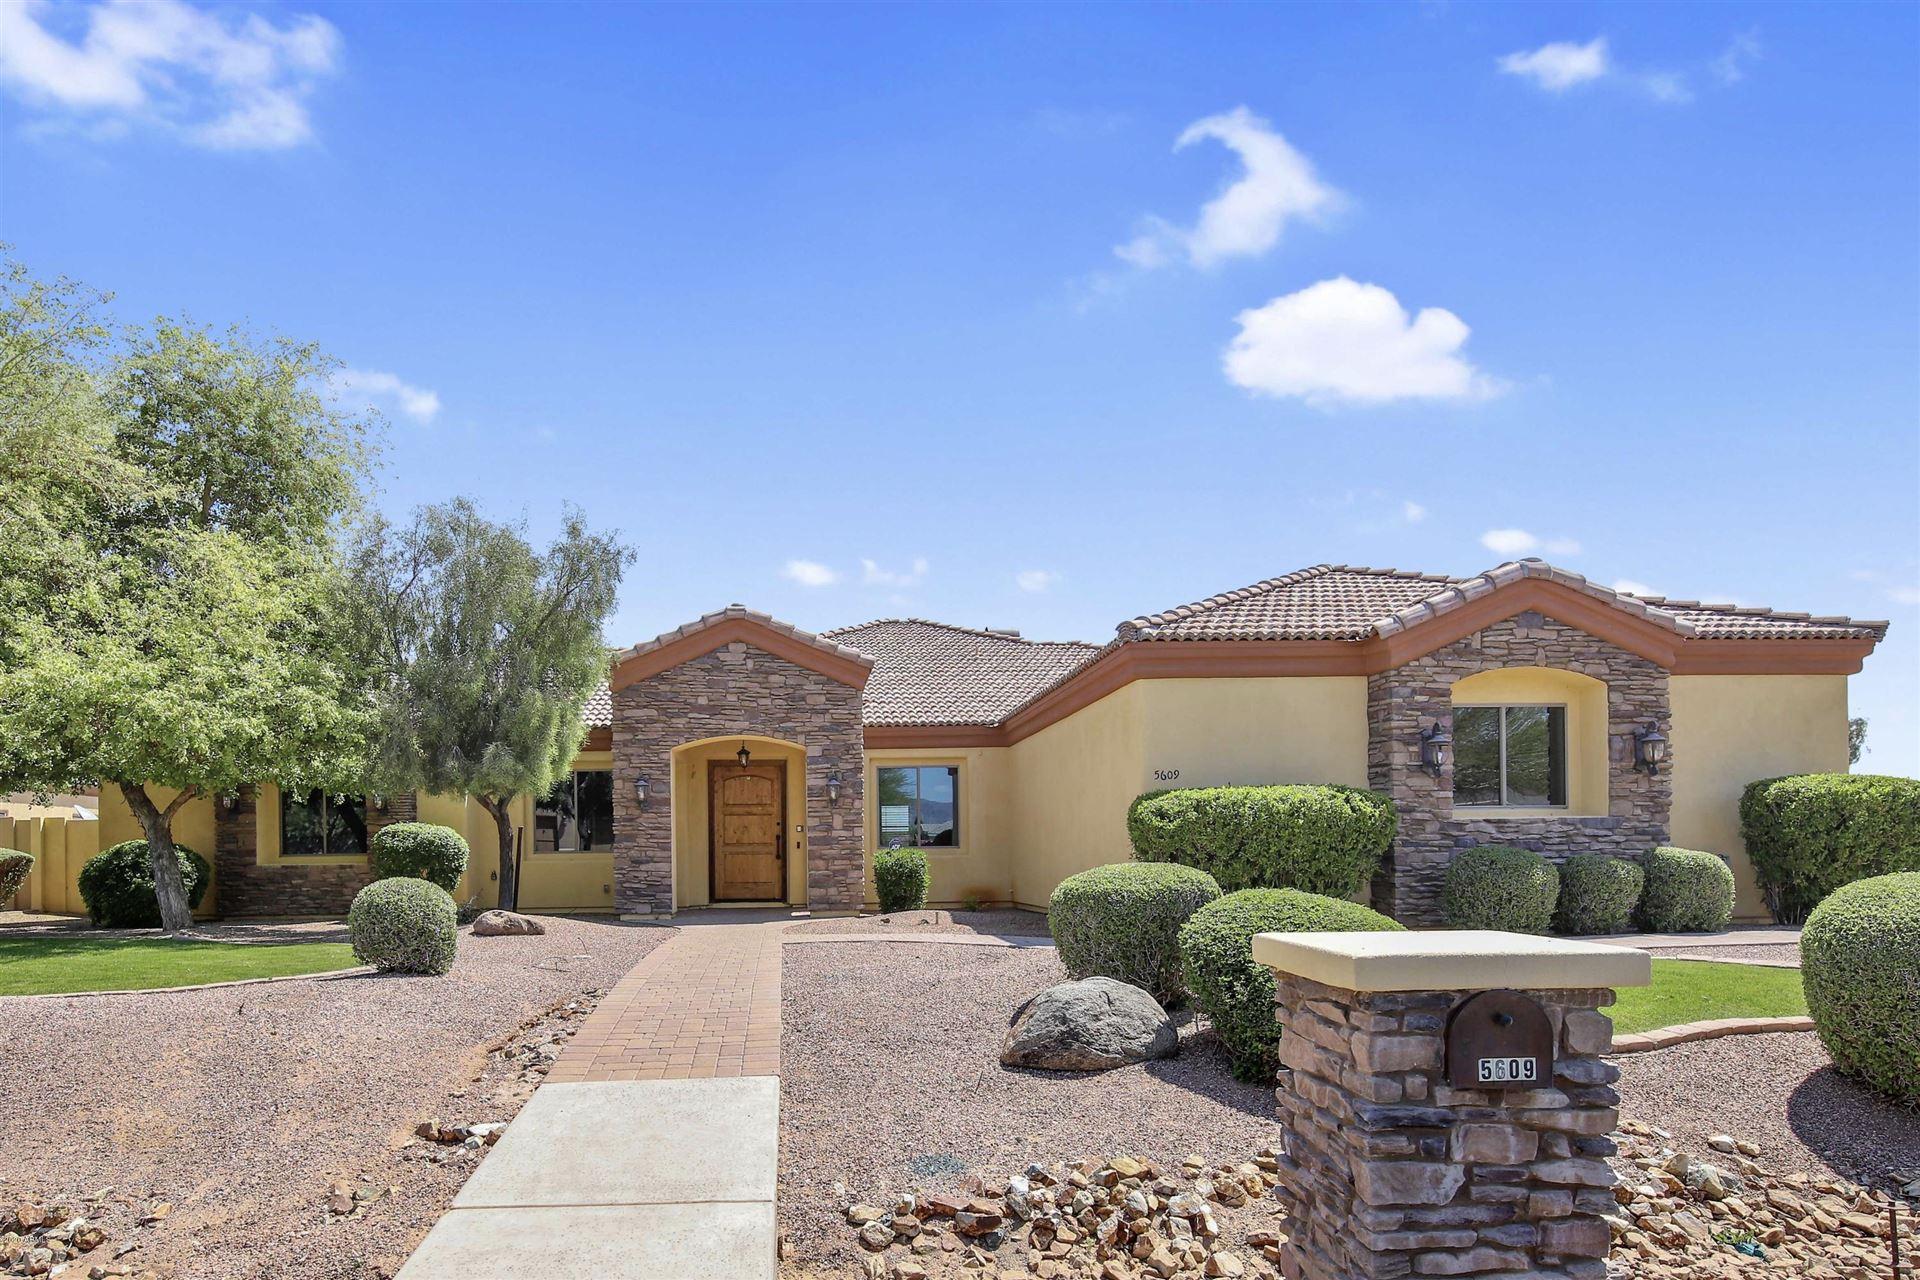 5609 N 179TH Drive, Litchfield Park, AZ 85340 - MLS#: 6066079